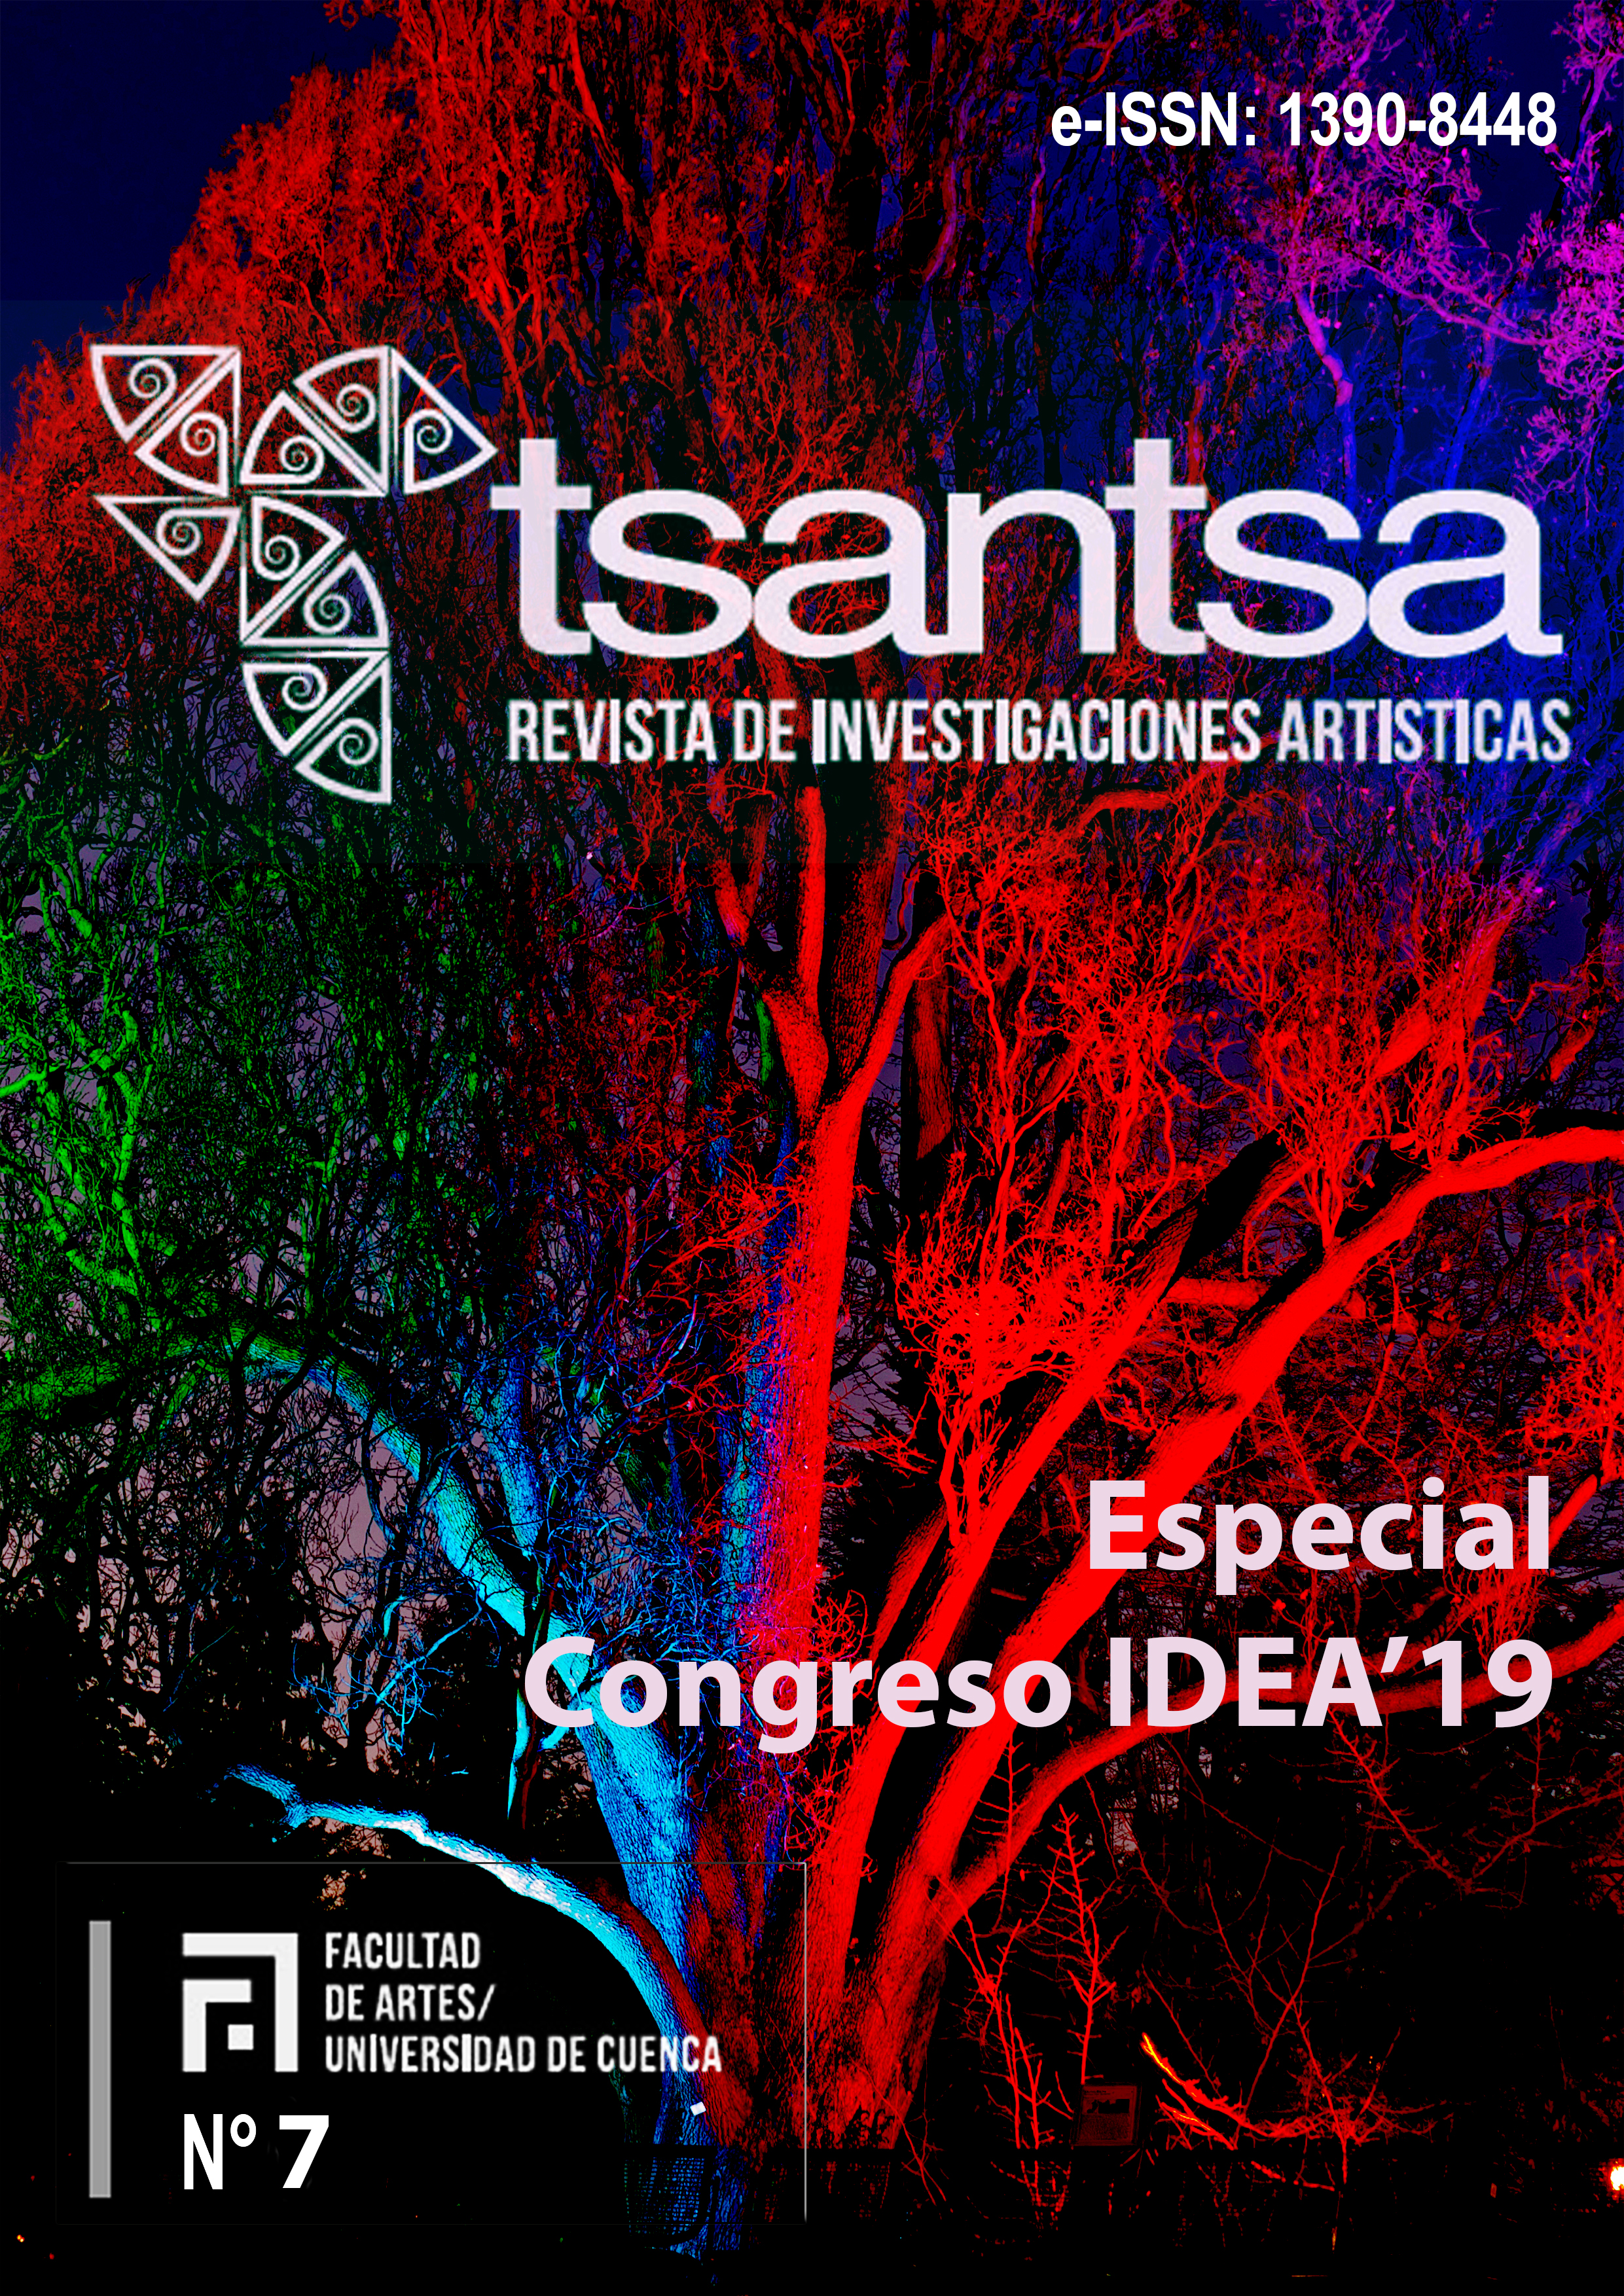 Ver Núm. 7 (2019): Número especial / Congreso Internacional IDEA'19 / Facultad de Artes de la Universidad de Cuenca, Ecuador